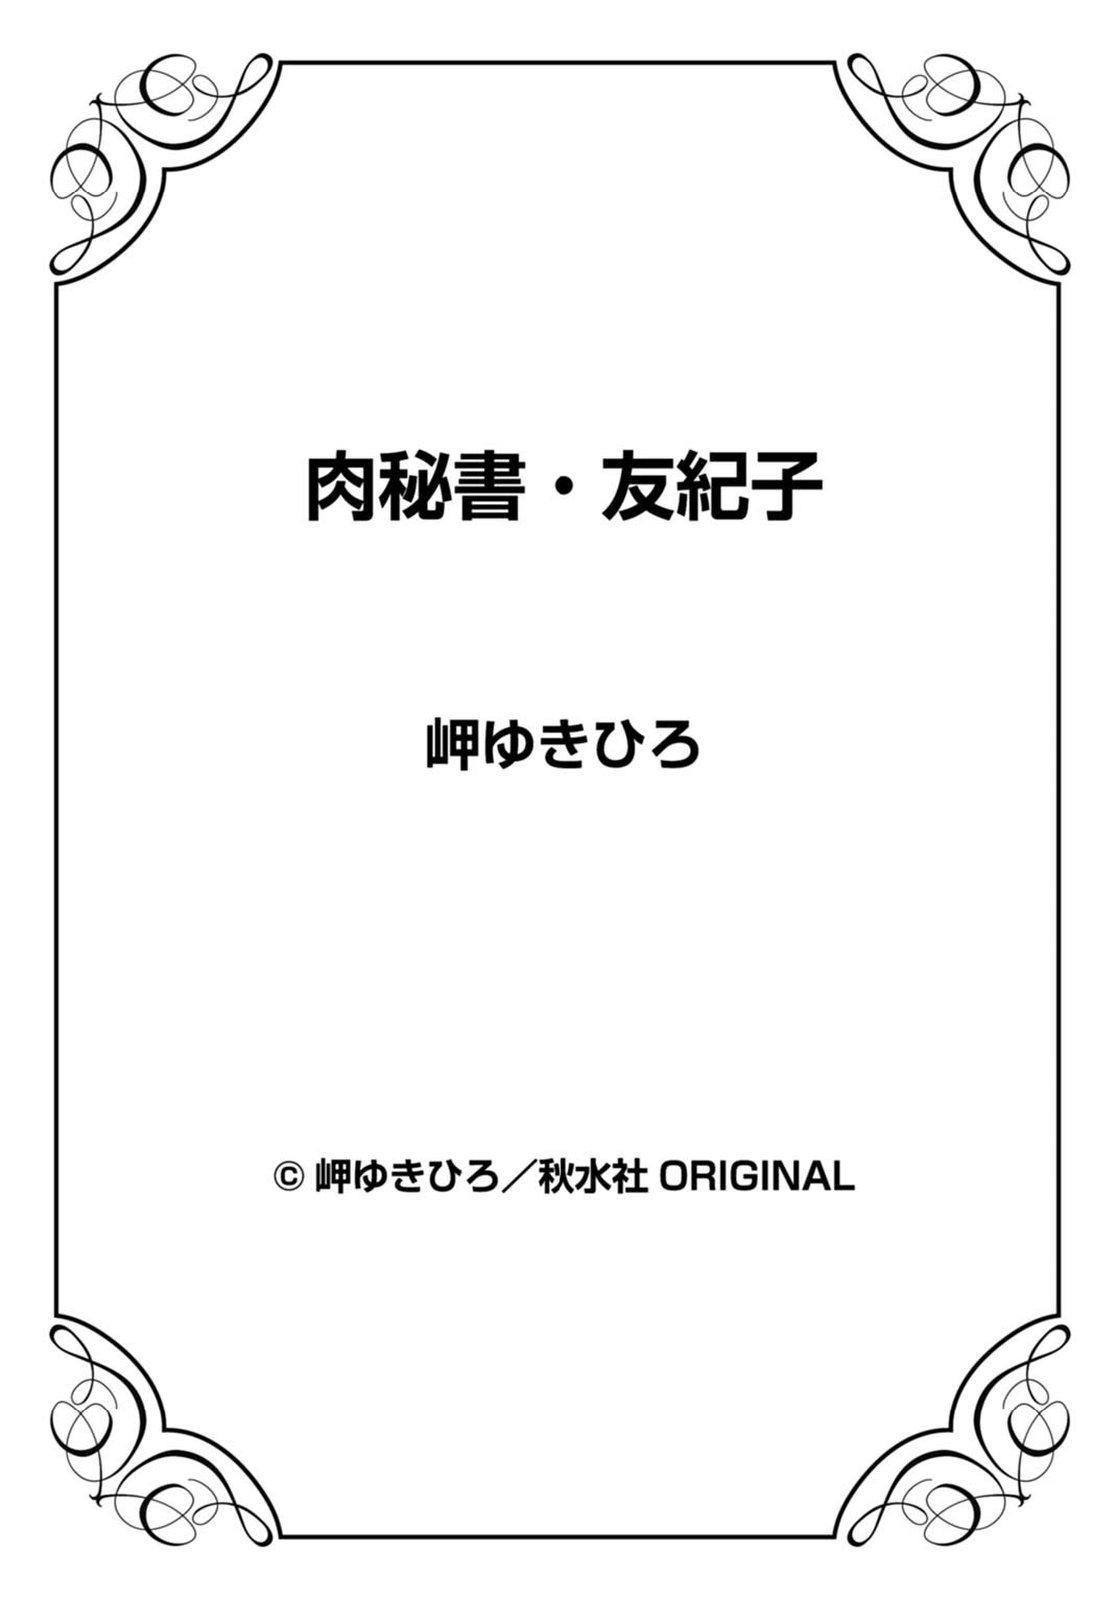 Nikuhisyo Yukiko 21 74